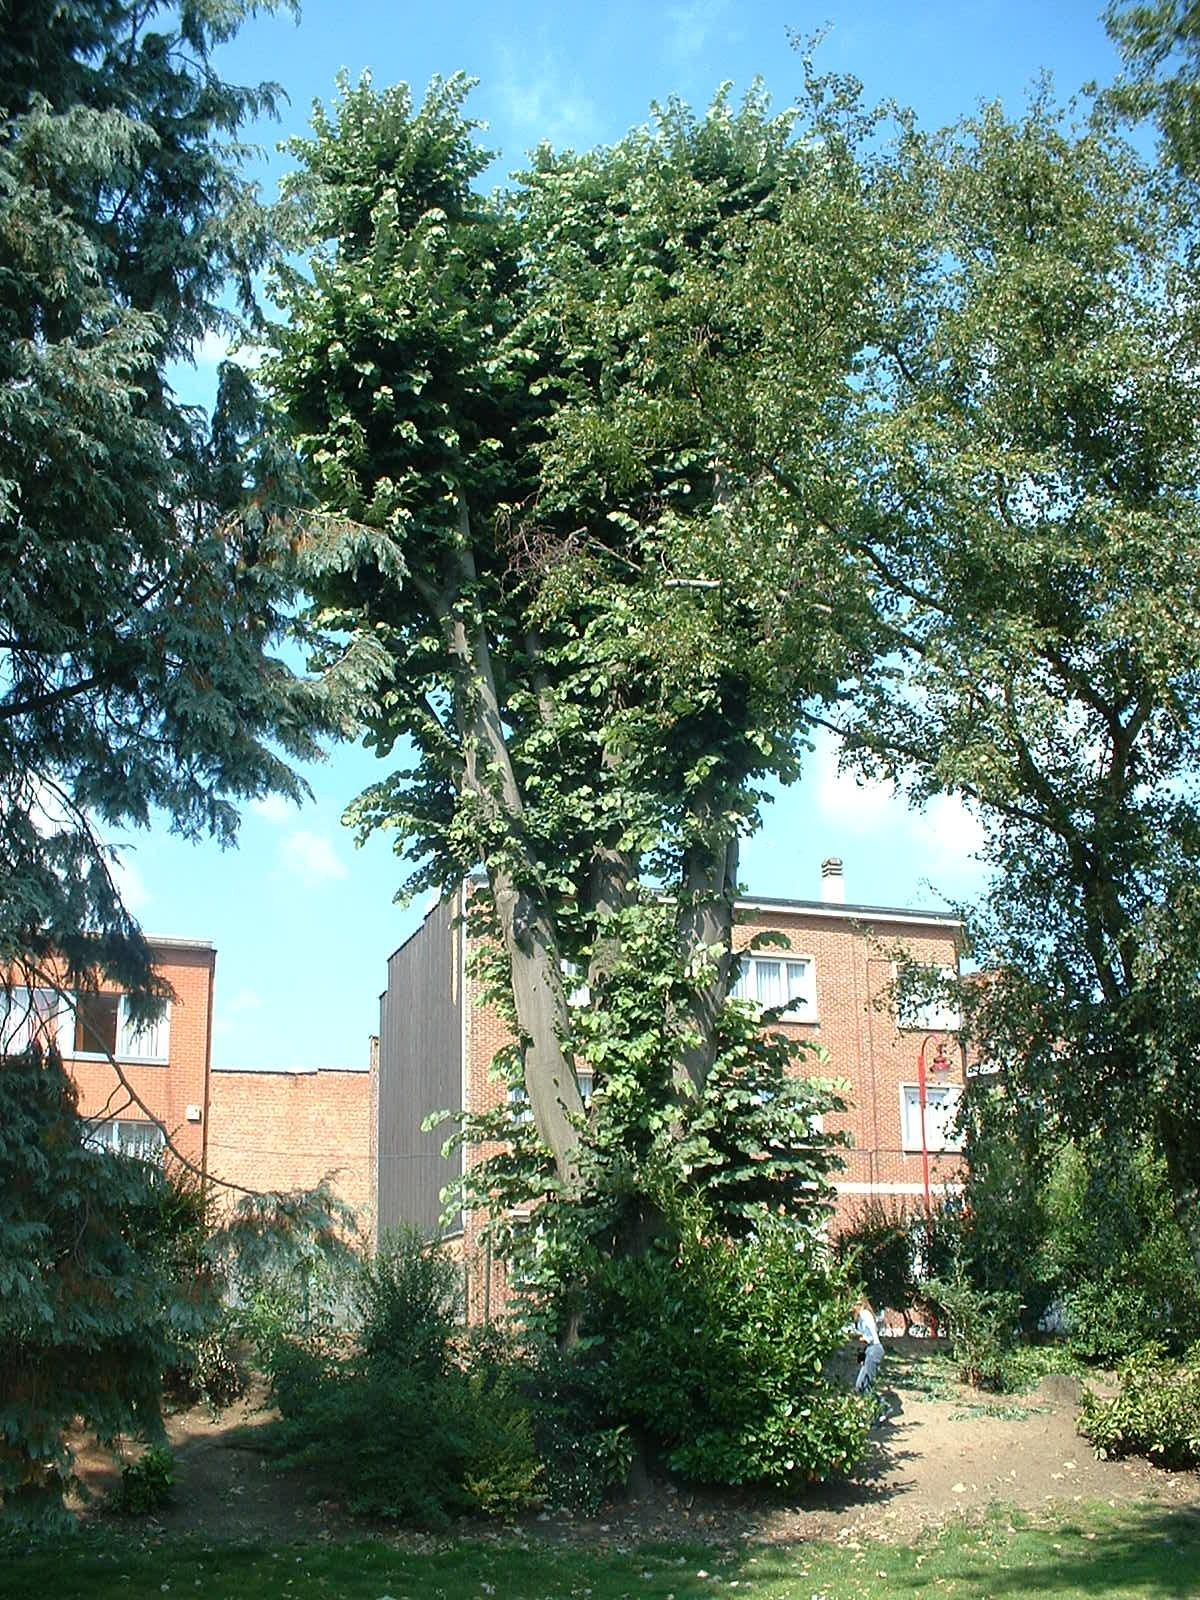 Tilleul argenté – Berchem-Sainte-Agathe, Avenue de la Basilique, 14 –  08 Septembre 2003